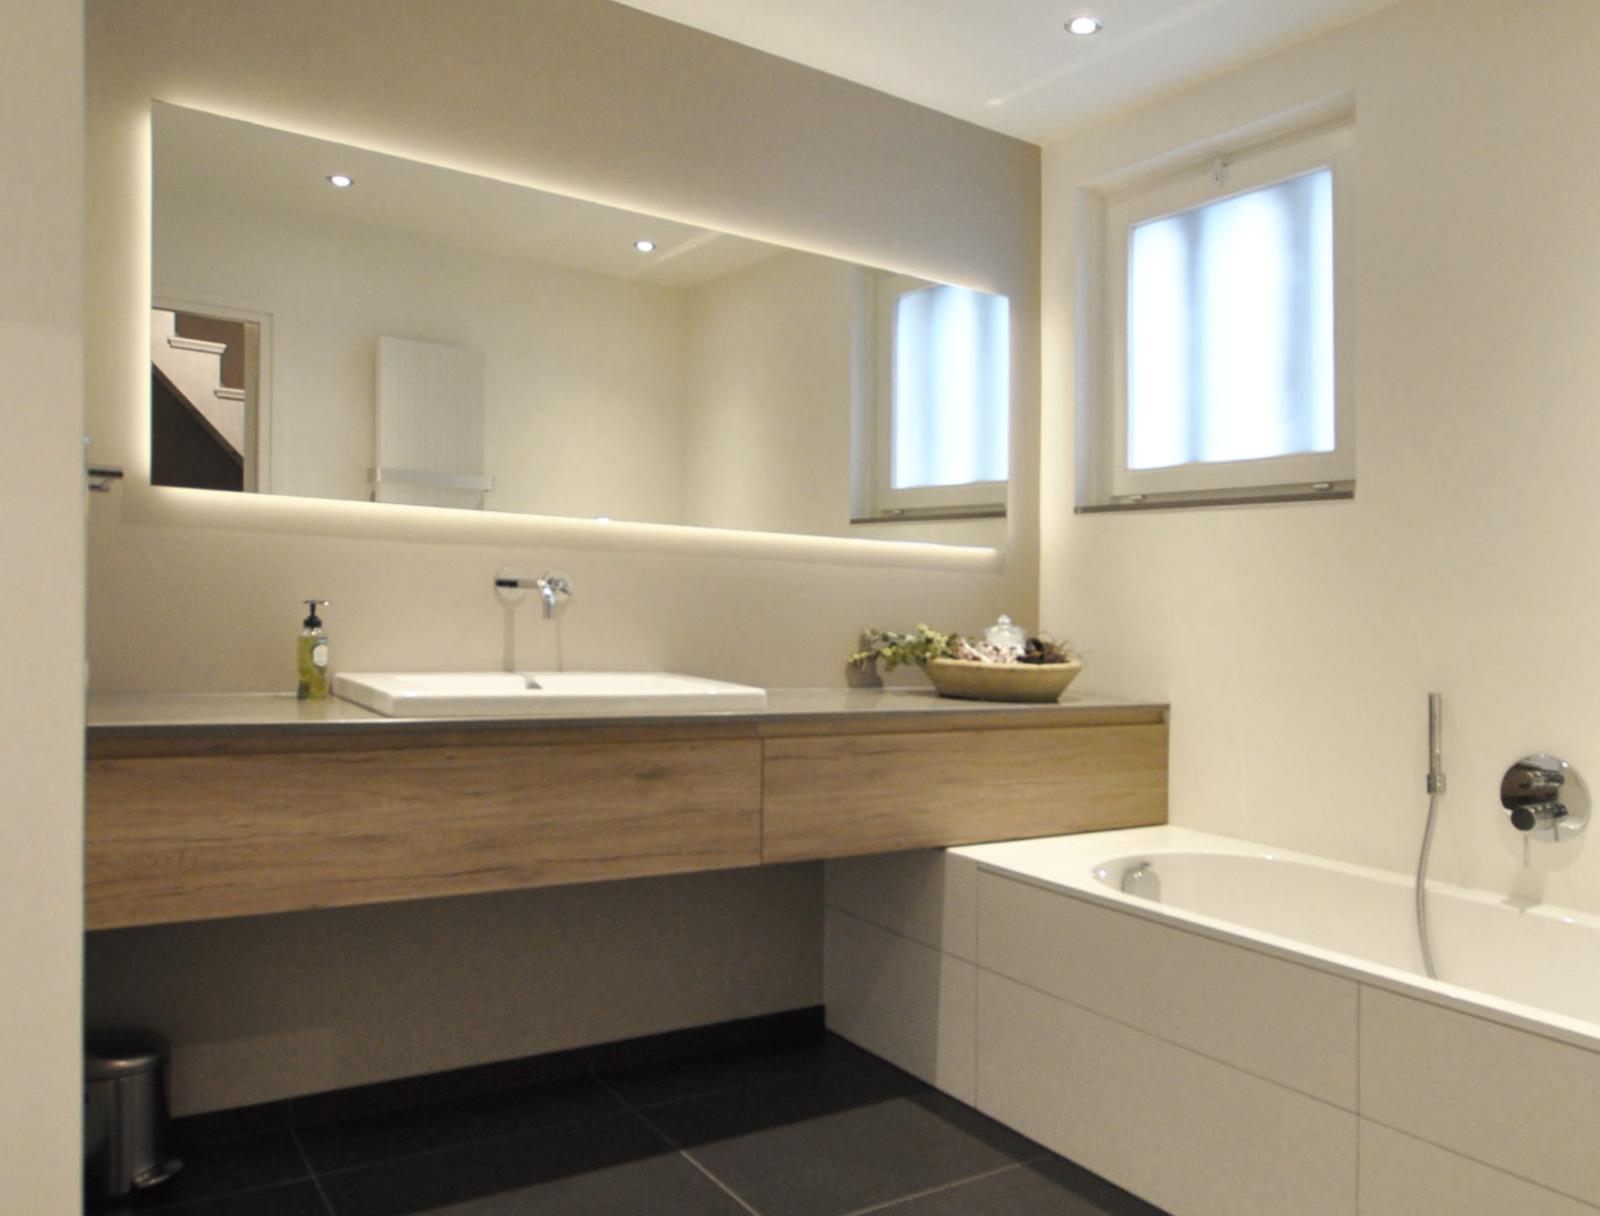 Waterdichte Verf Badkamer : Wijzonol badkamer muurverf unique muurverf badkamer latest in een